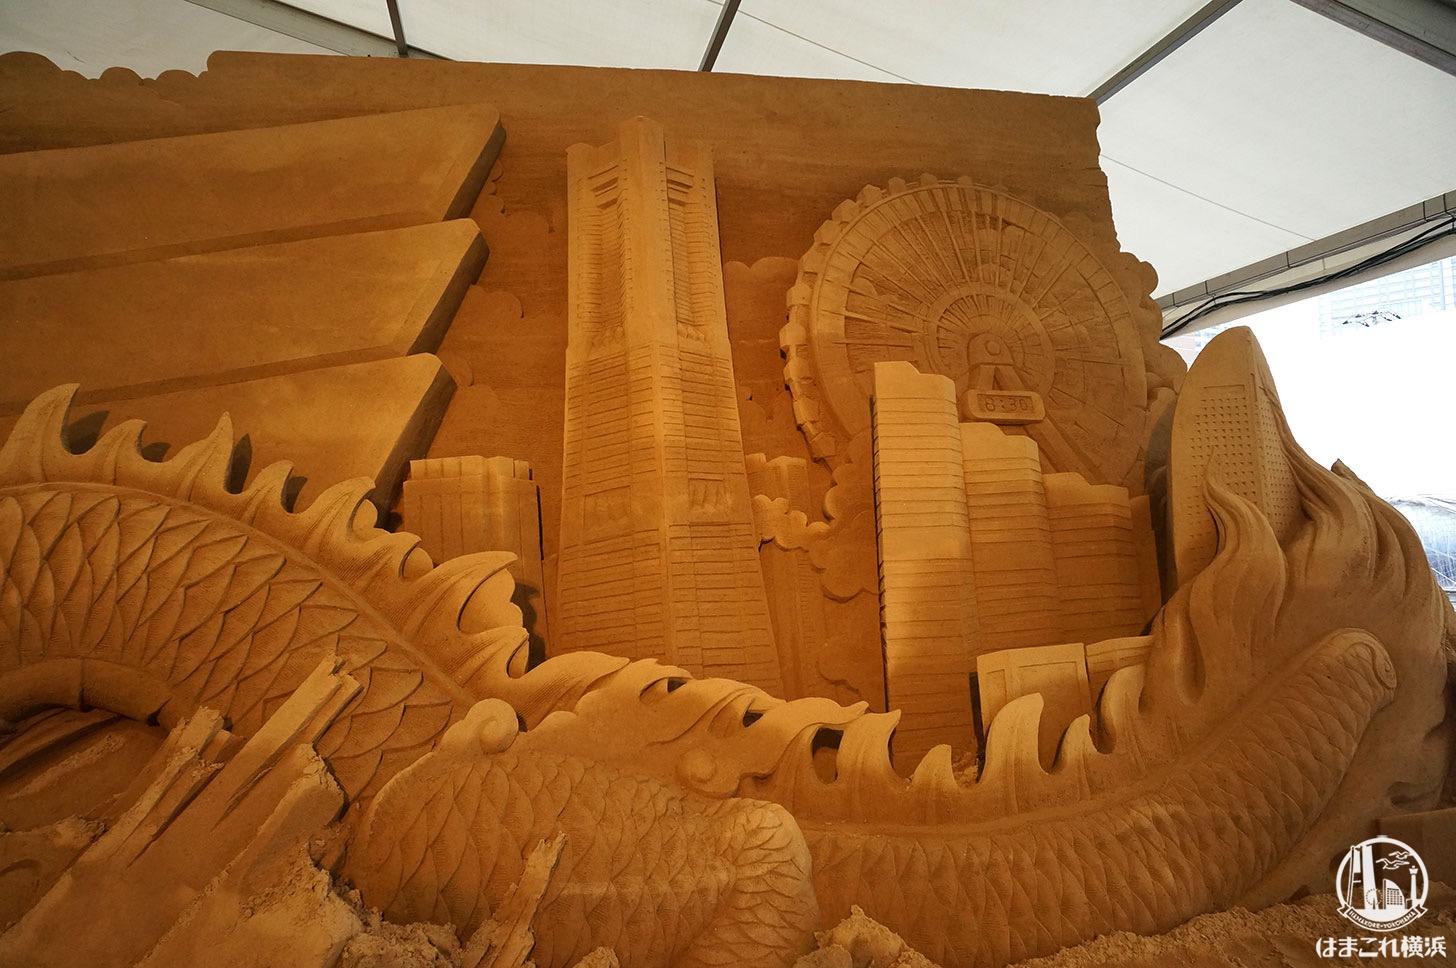 ヨコハマ砂の美術館 砂の彫刻 横浜ランドマークタワー